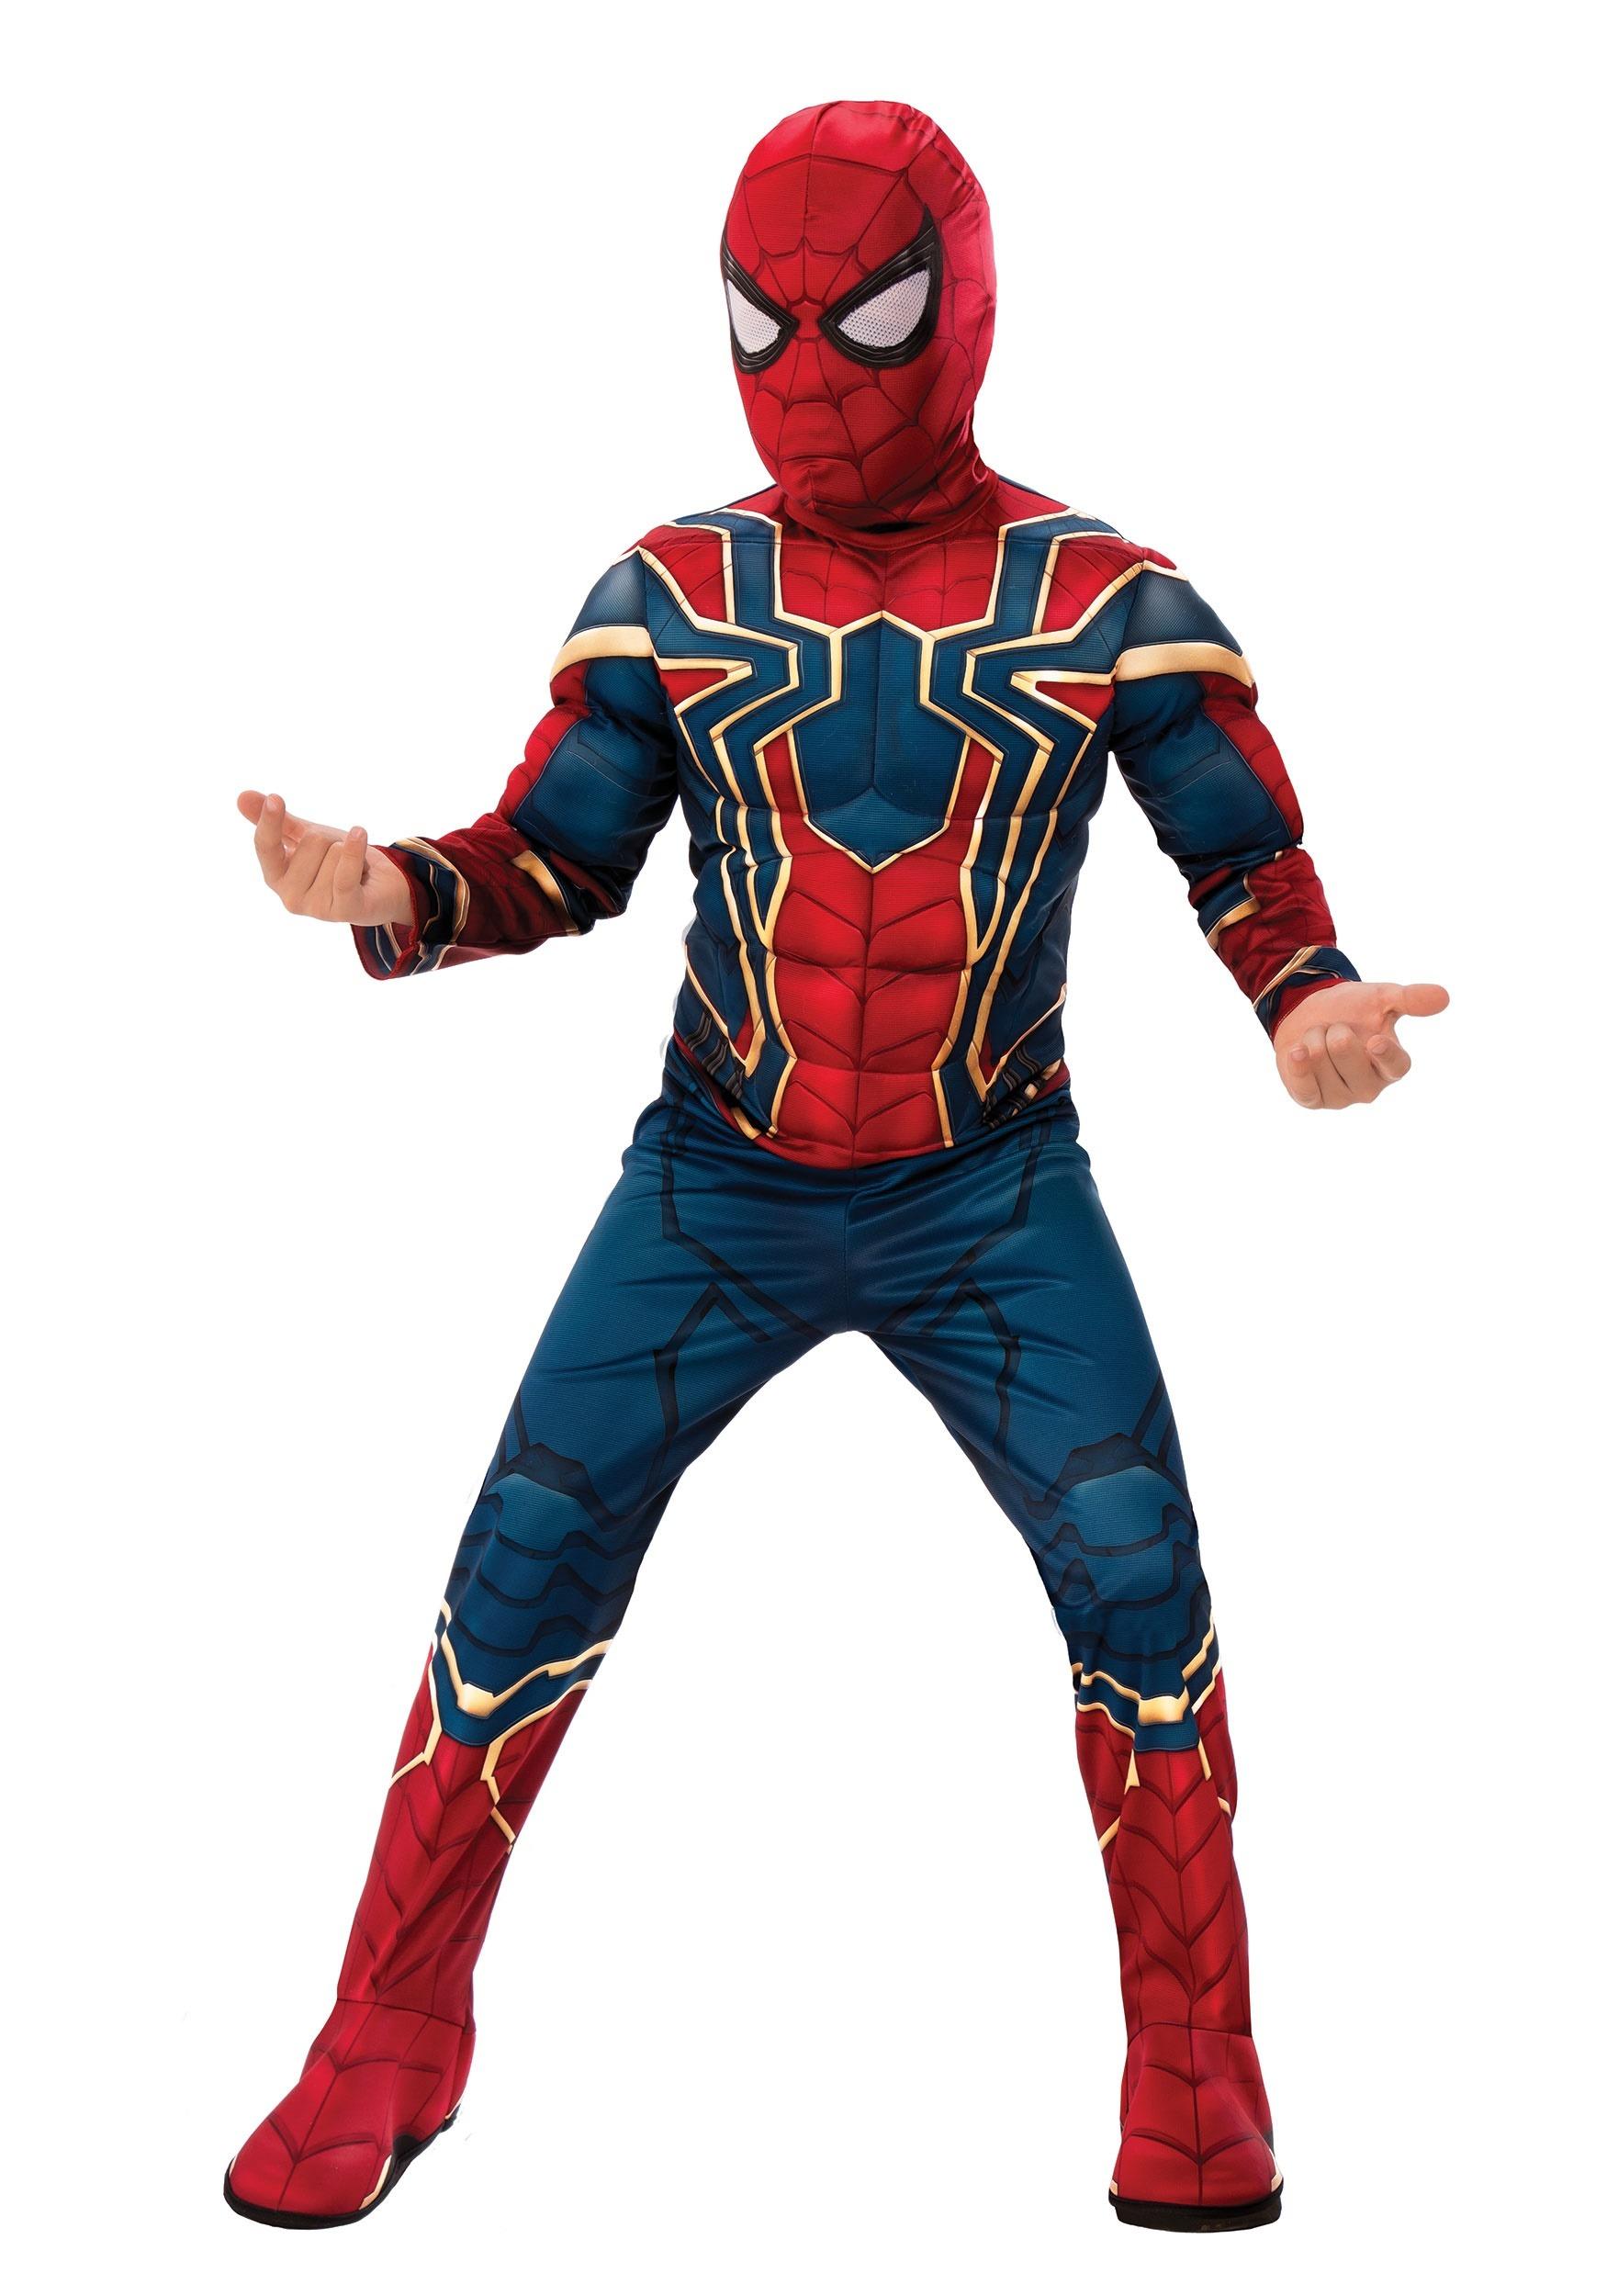 Marvel Infinity War Deluxe Iron Spider Kids Costume  sc 1 st  Halloween Costumes & Marvel Infinity War Deluxe Iron Spider Costume for Kids